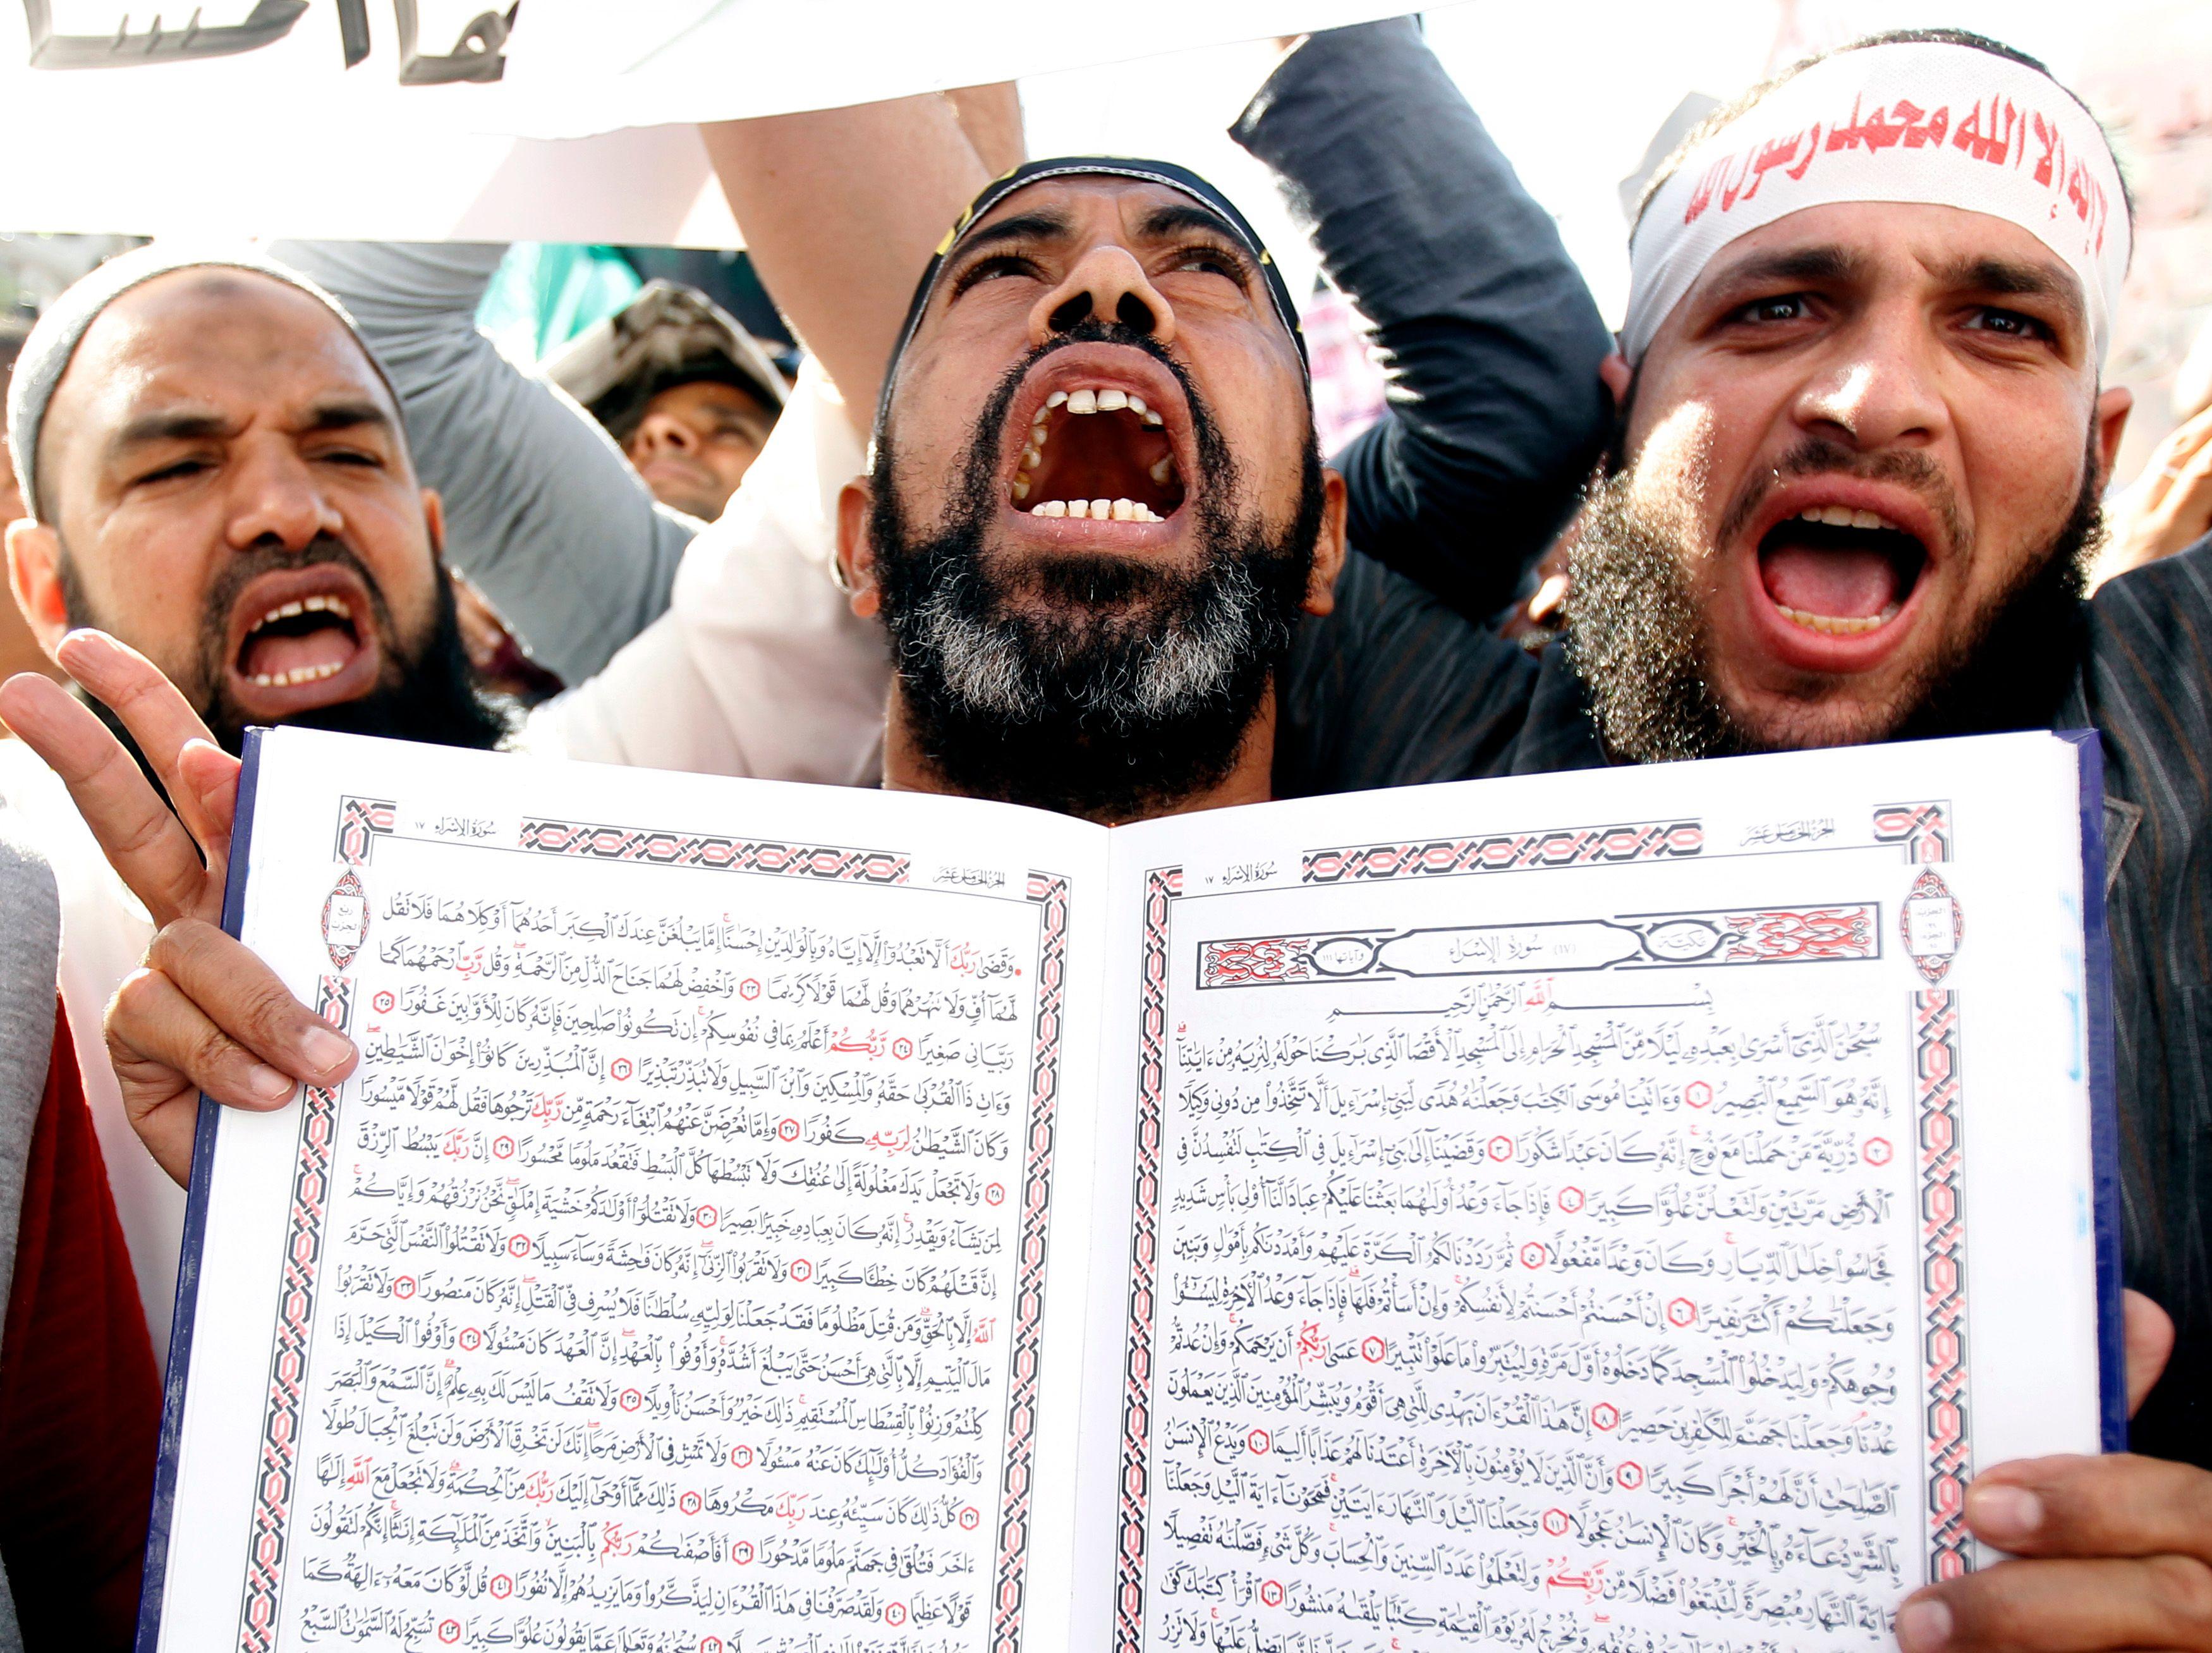 Le chromosome X, terreur musulmane ? Pourquoi les islamistes ont un (gros) problème avec le sexe